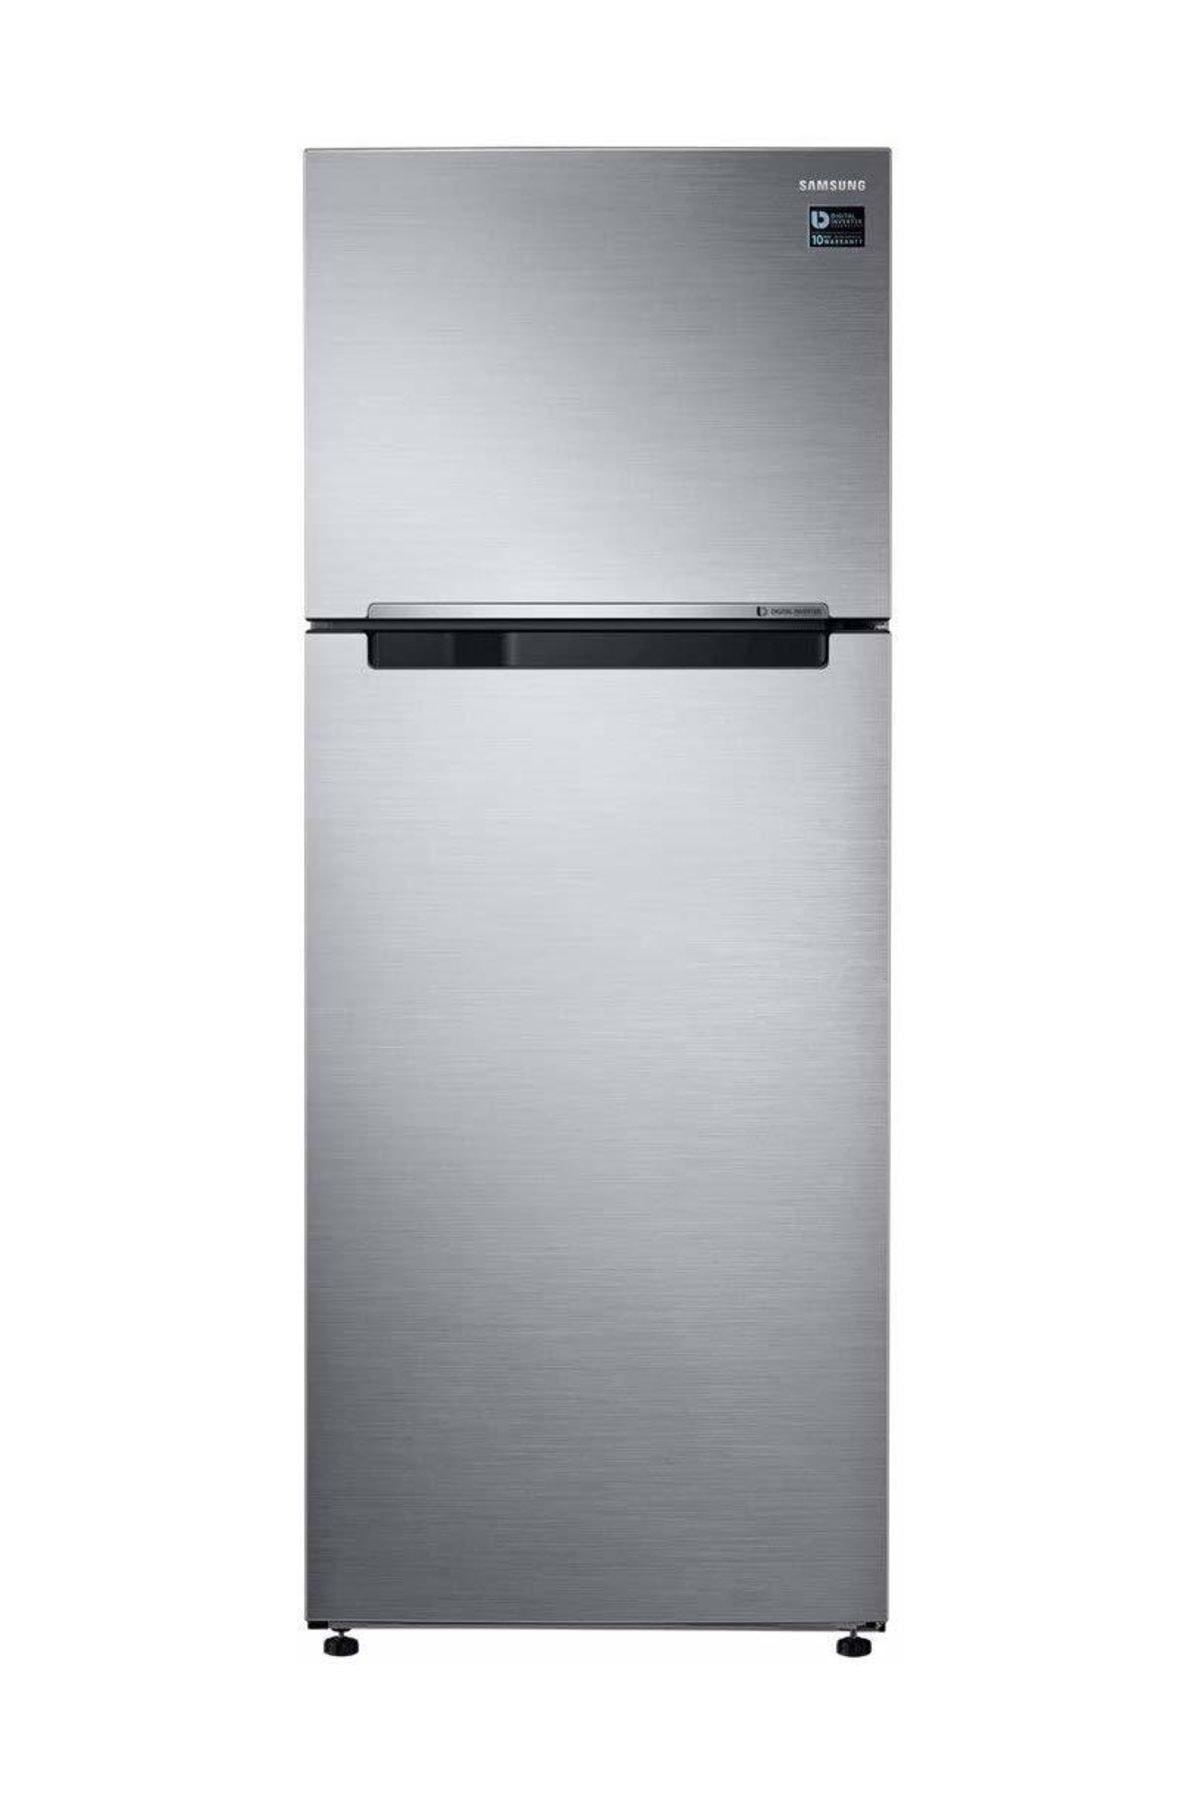 Samsung RT46K6000S8 Çift Kapılı No-Frost Buzdolabı